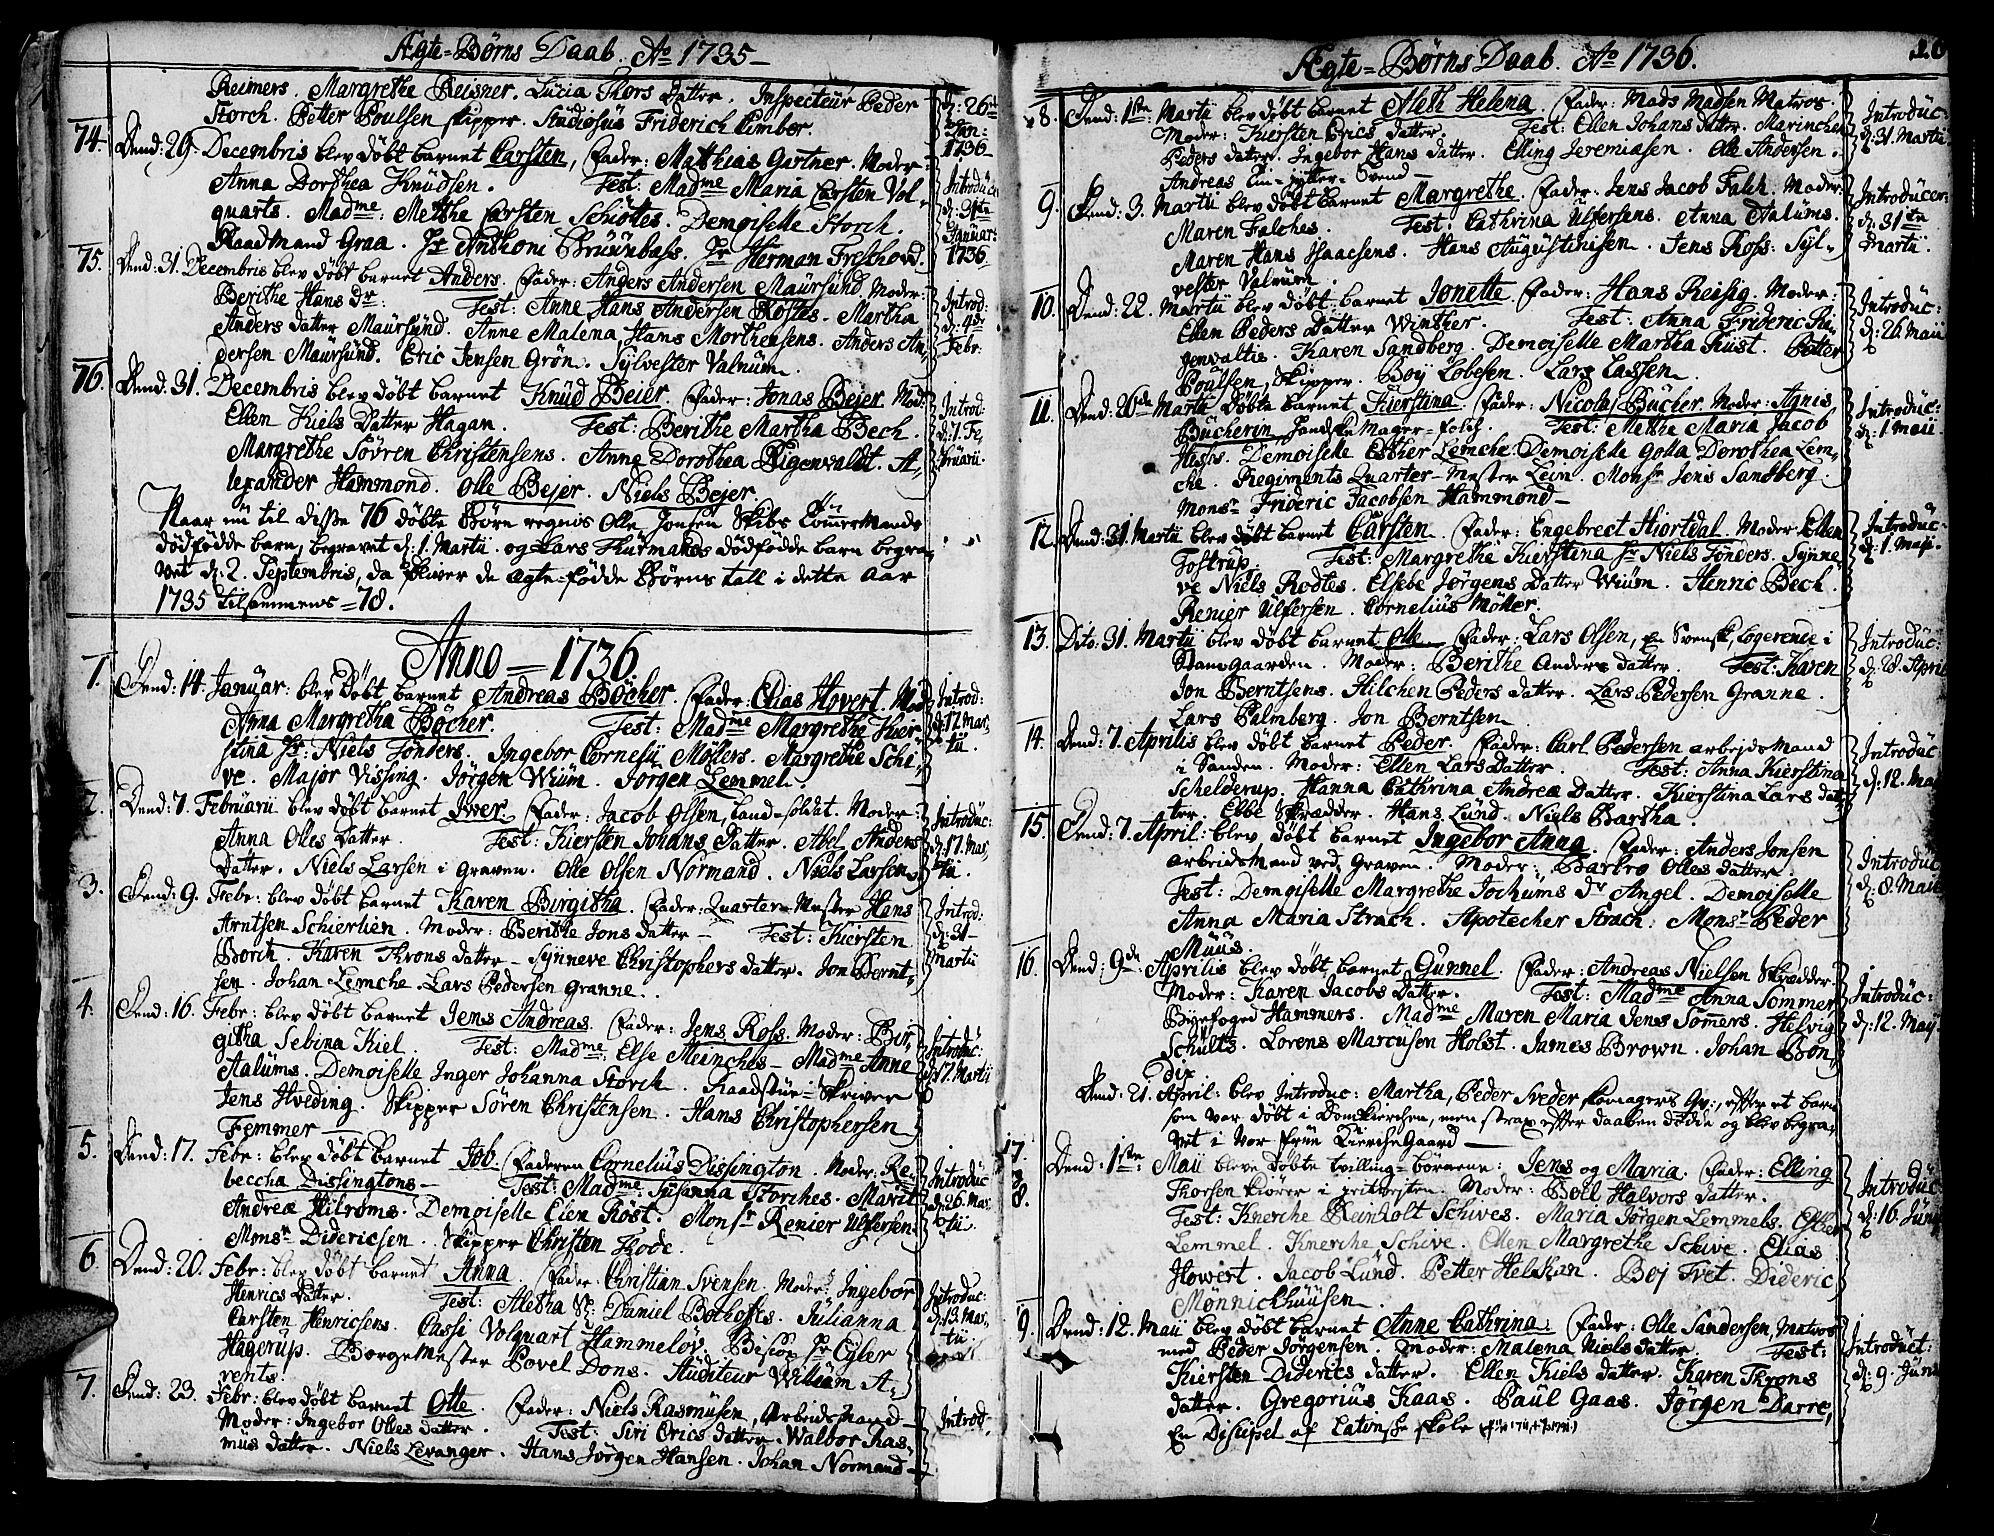 SAT, Ministerialprotokoller, klokkerbøker og fødselsregistre - Sør-Trøndelag, 602/L0103: Ministerialbok nr. 602A01, 1732-1774, s. 16